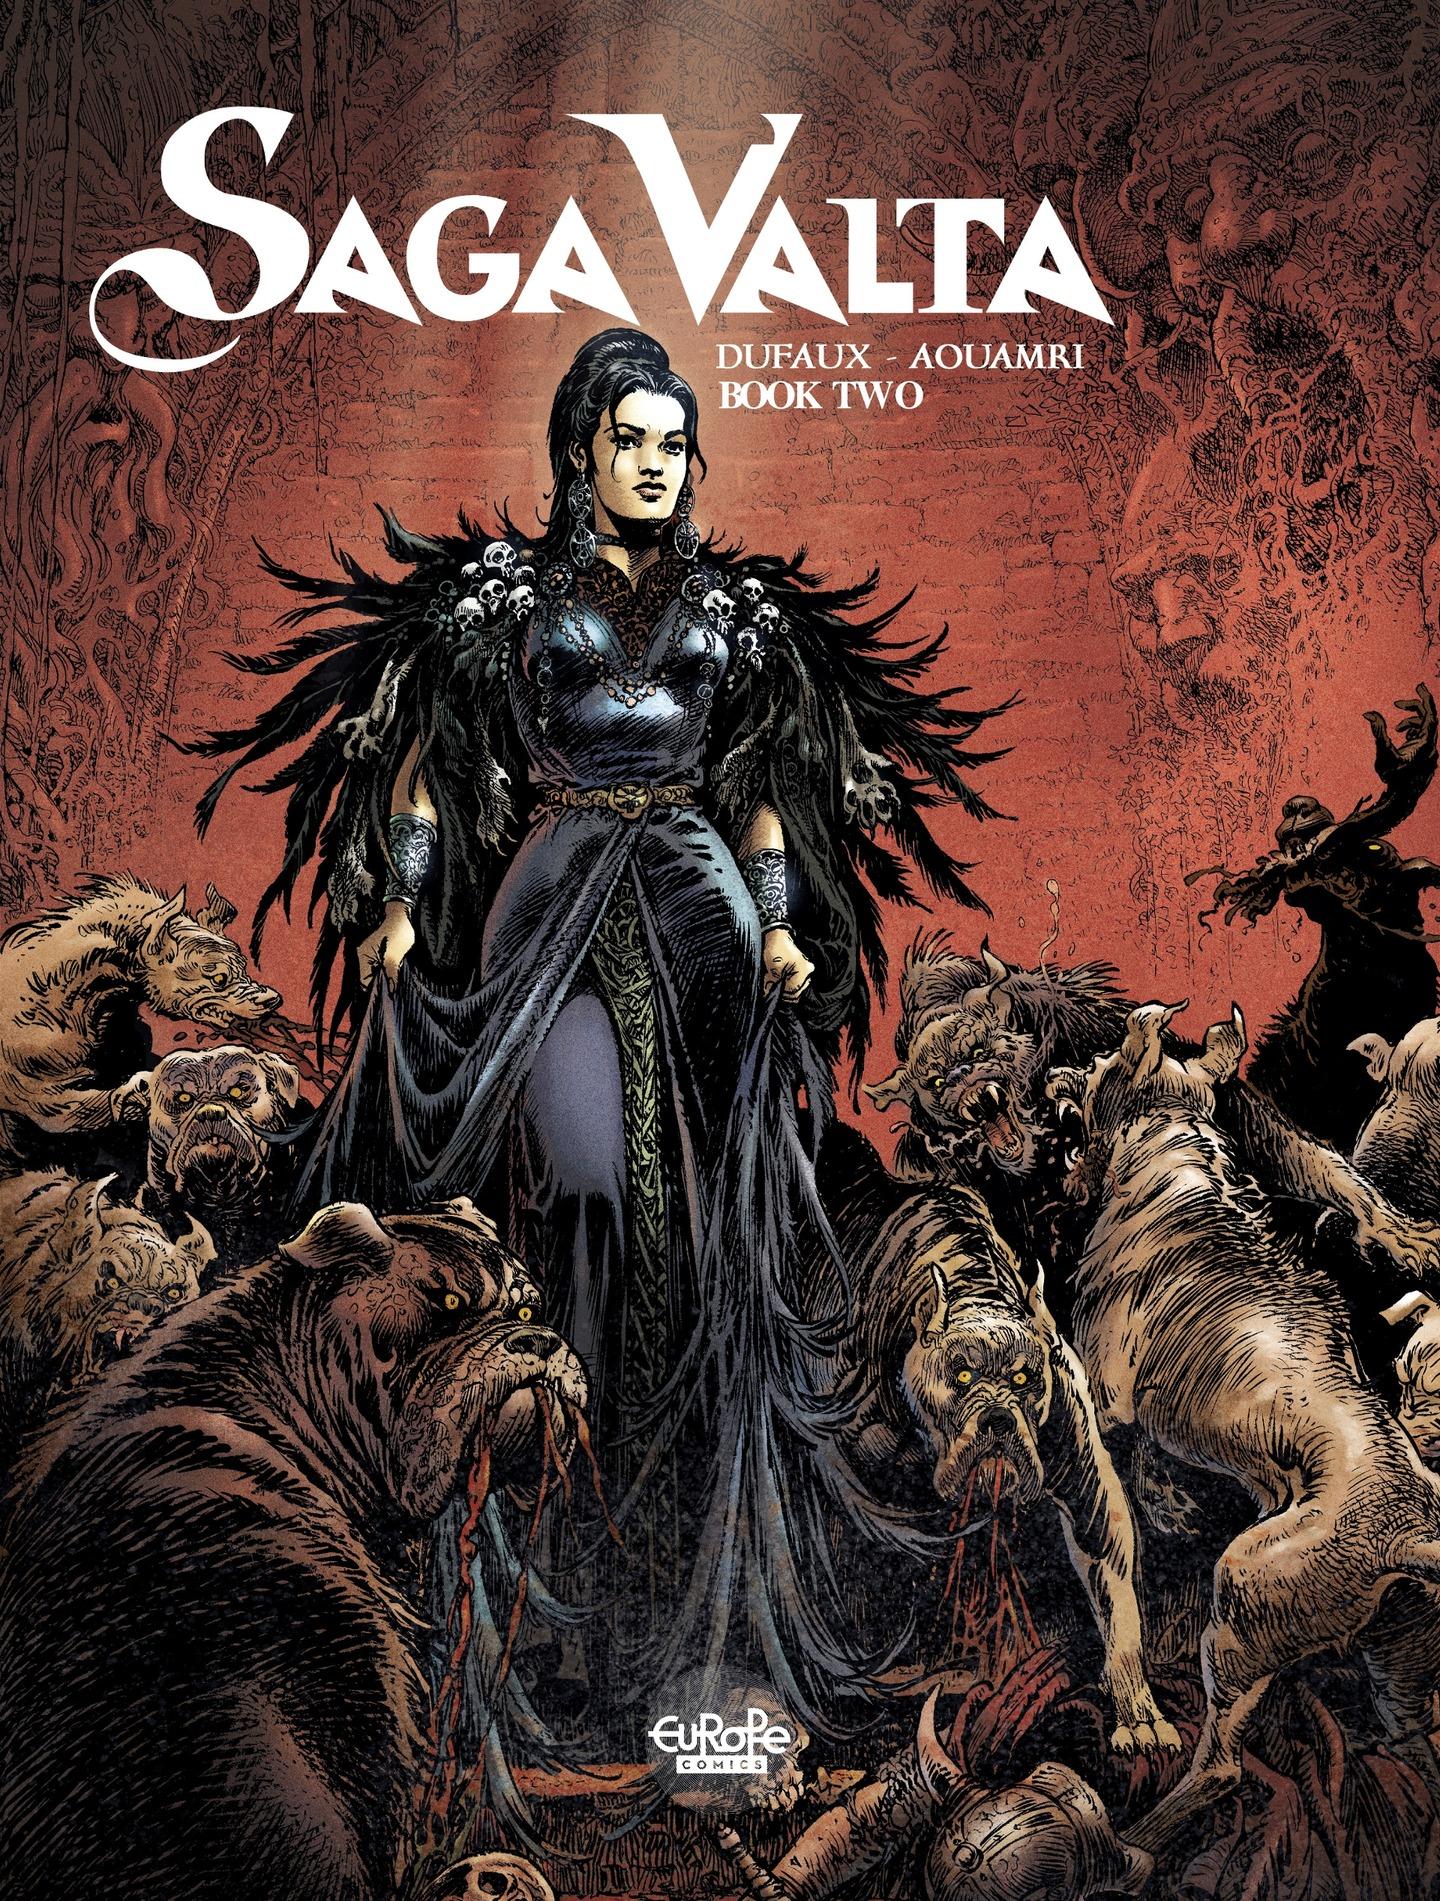 Saga Valta Saga Valta V2